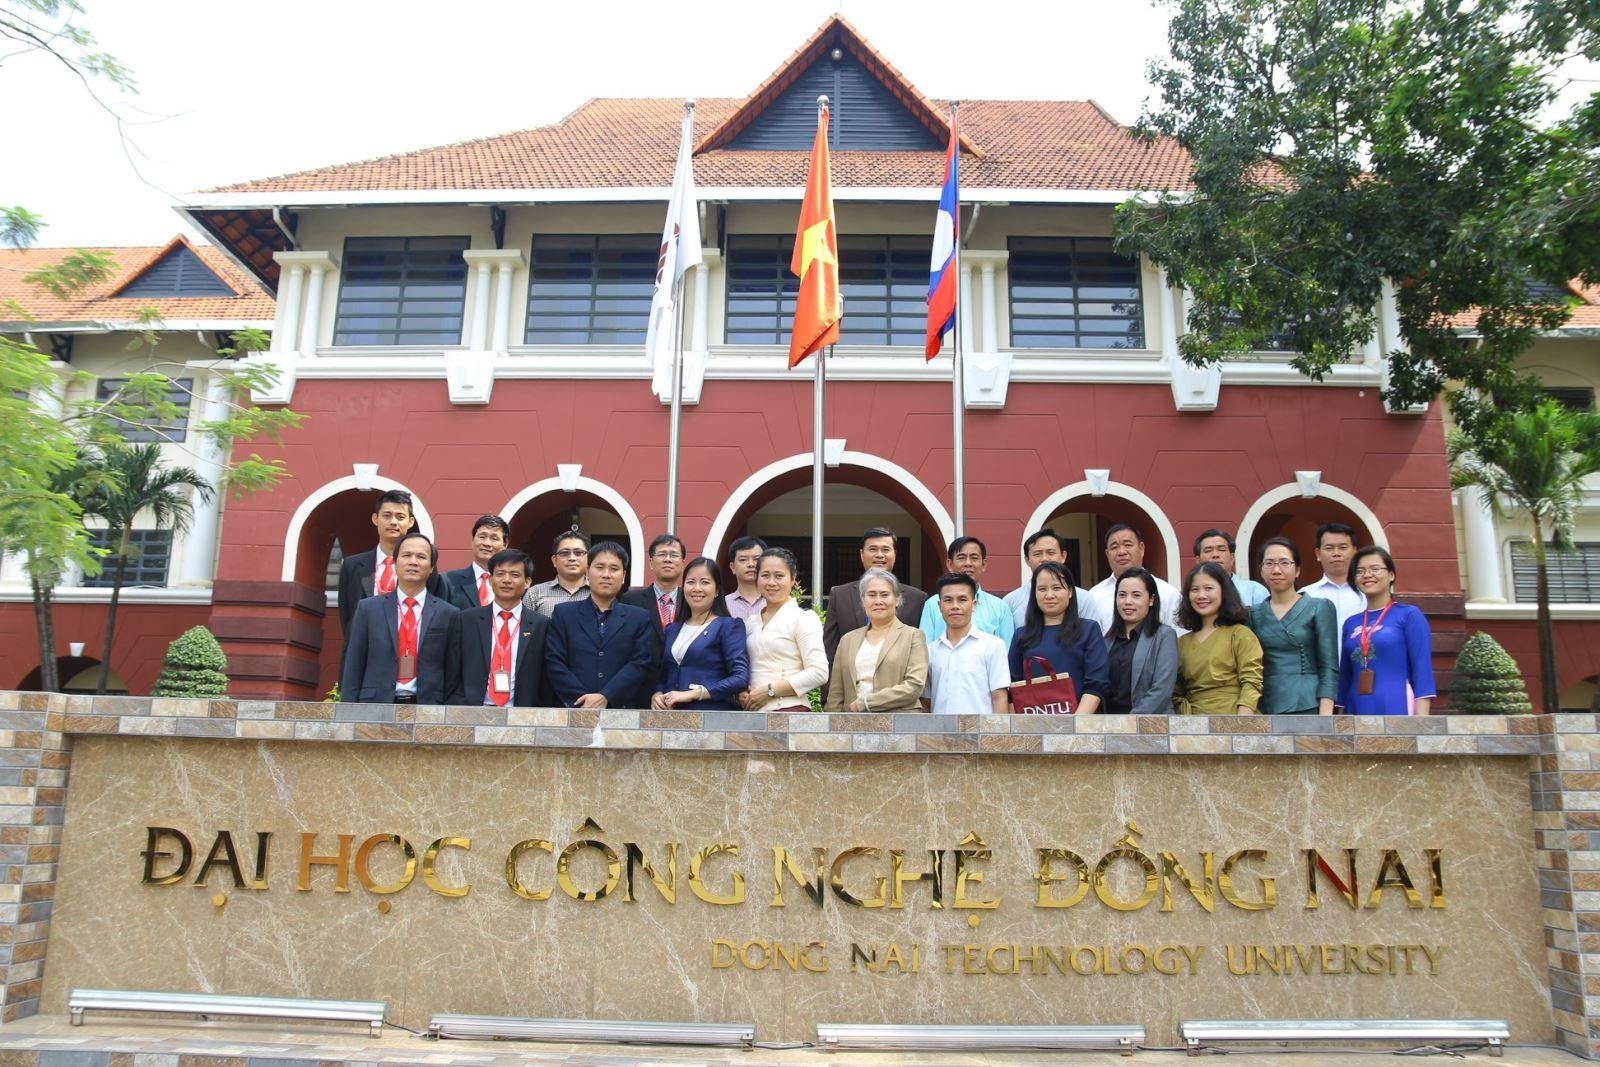 Đoàn Bộ Giáo dục và Thể thao nước Cộng hòa Dân chủ Nhân dân Lào đến thăm và làm việc với trường Đại học Công nghệ Đồng Nai